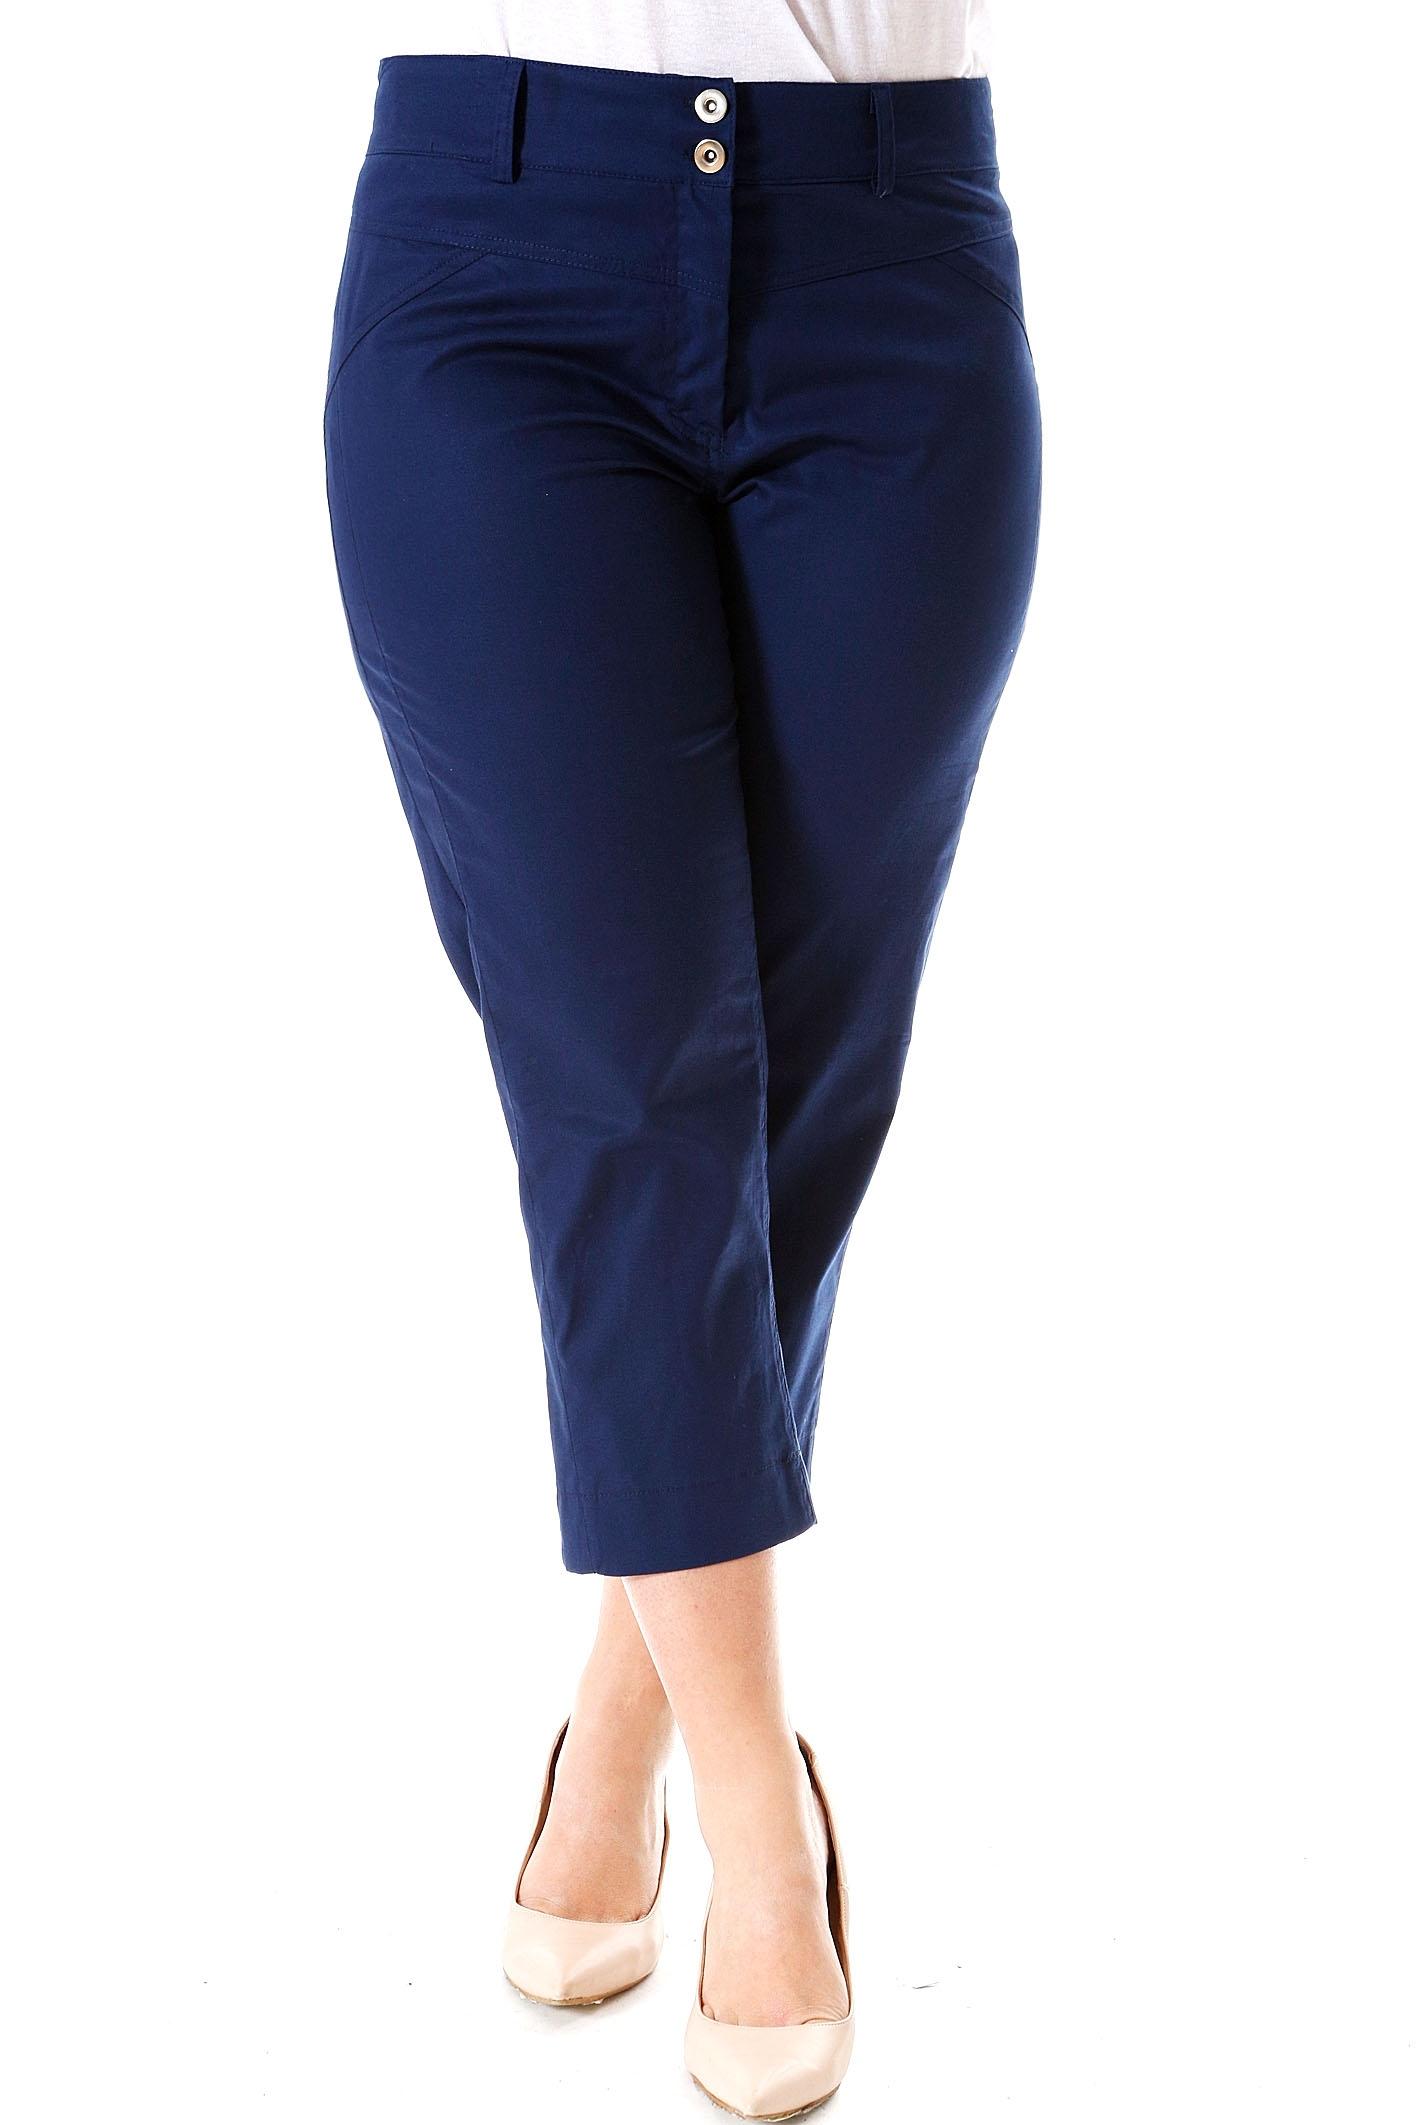 Παντελόνι γκρο κάπρι σε μπλε χρώμα νέες αφίξεις   ενδύματα   παντελόνια   κολάν   ossigeno